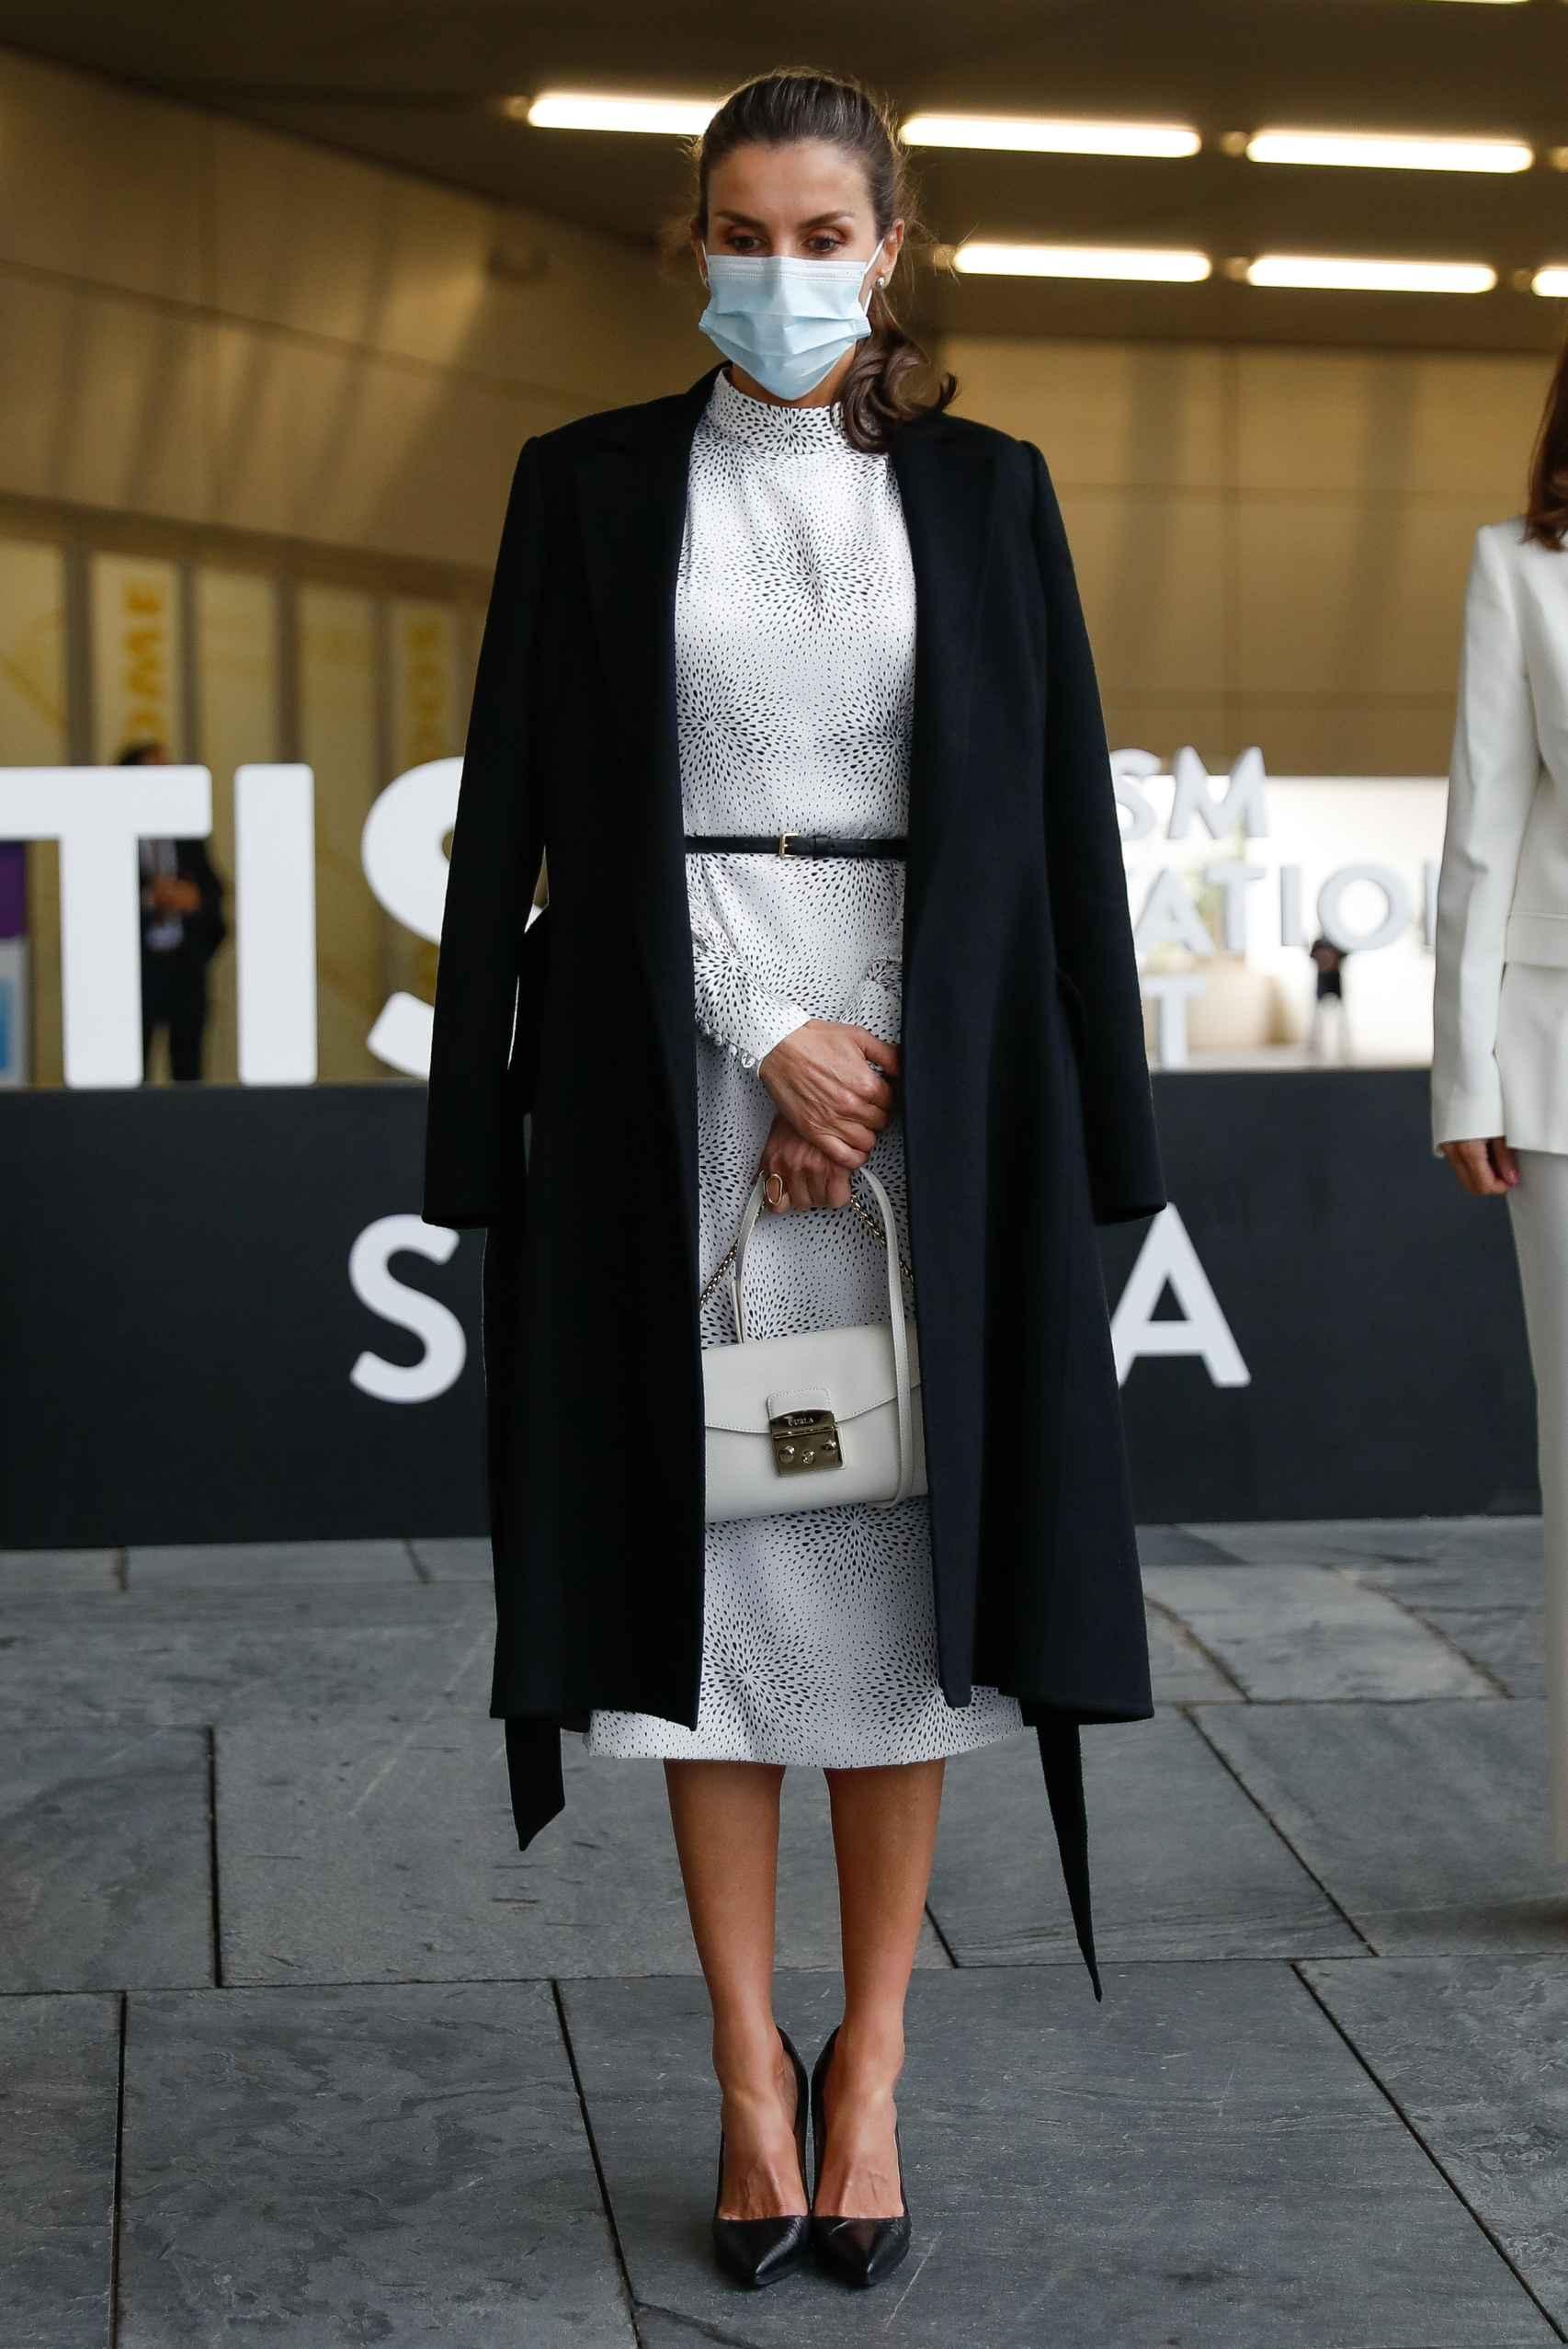 La Reina ha lucido un estilismo muy 'lady ejecutiva' para su cita en Sevilla.